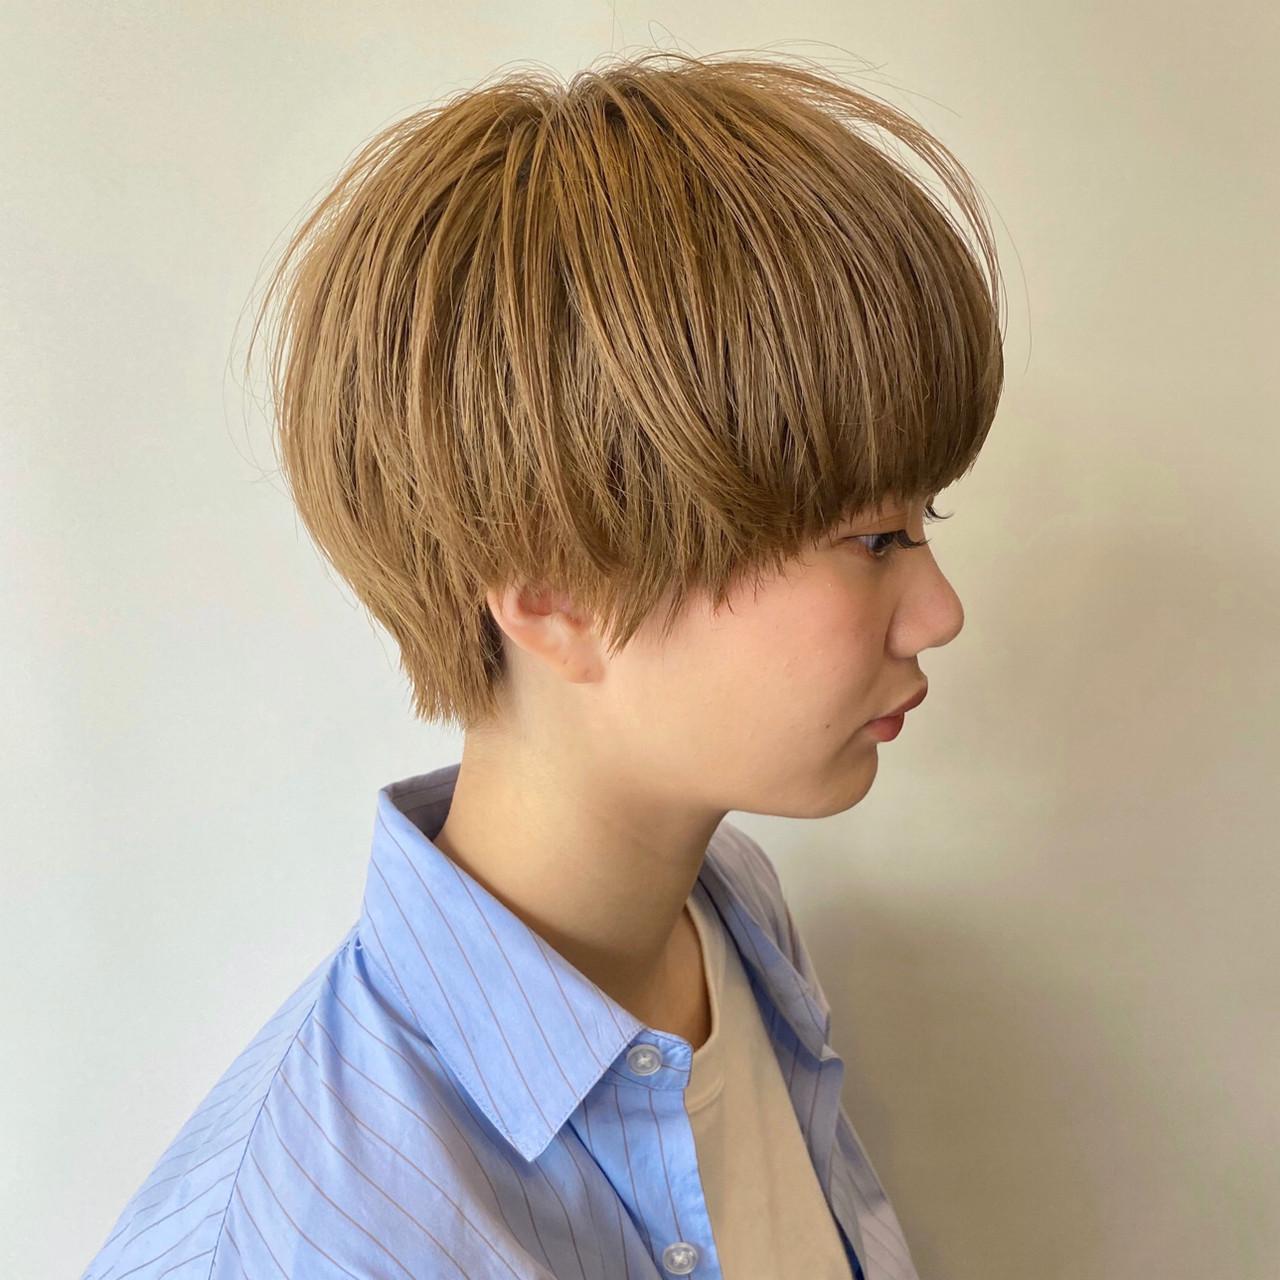 ショート ショートボブ 大人かわいい ショートヘア ヘアスタイルや髪型の写真・画像 | 【ショート&ショートボブはお任せください】淺川聖 / parc sapporo